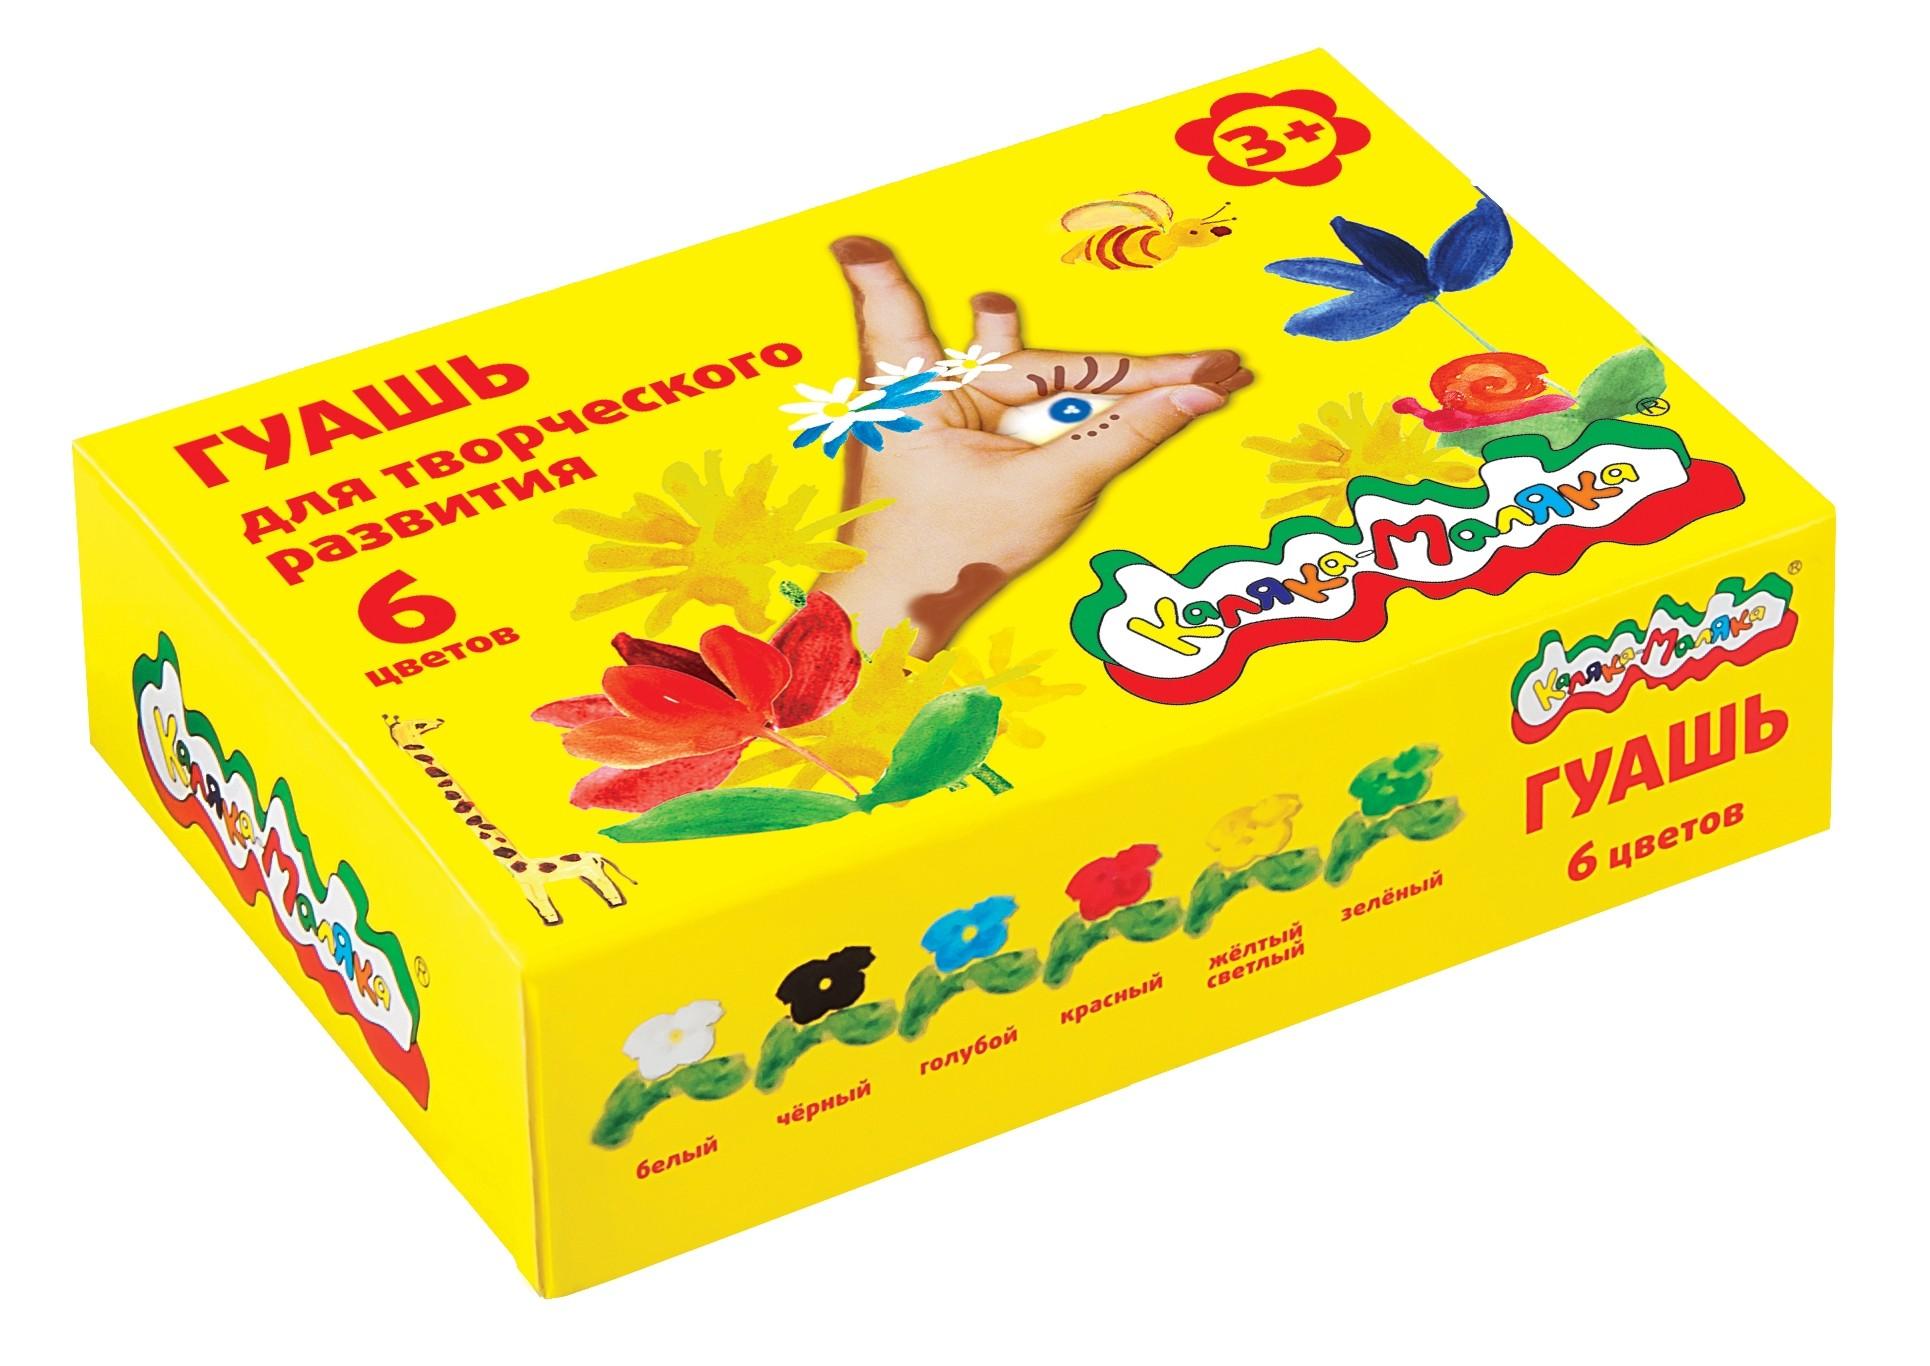 Краски Каляка-Маляка Гуашь Каляка-Маляка 17 мл 6 цветов пластилин каляка маляка восковой 12 цветов